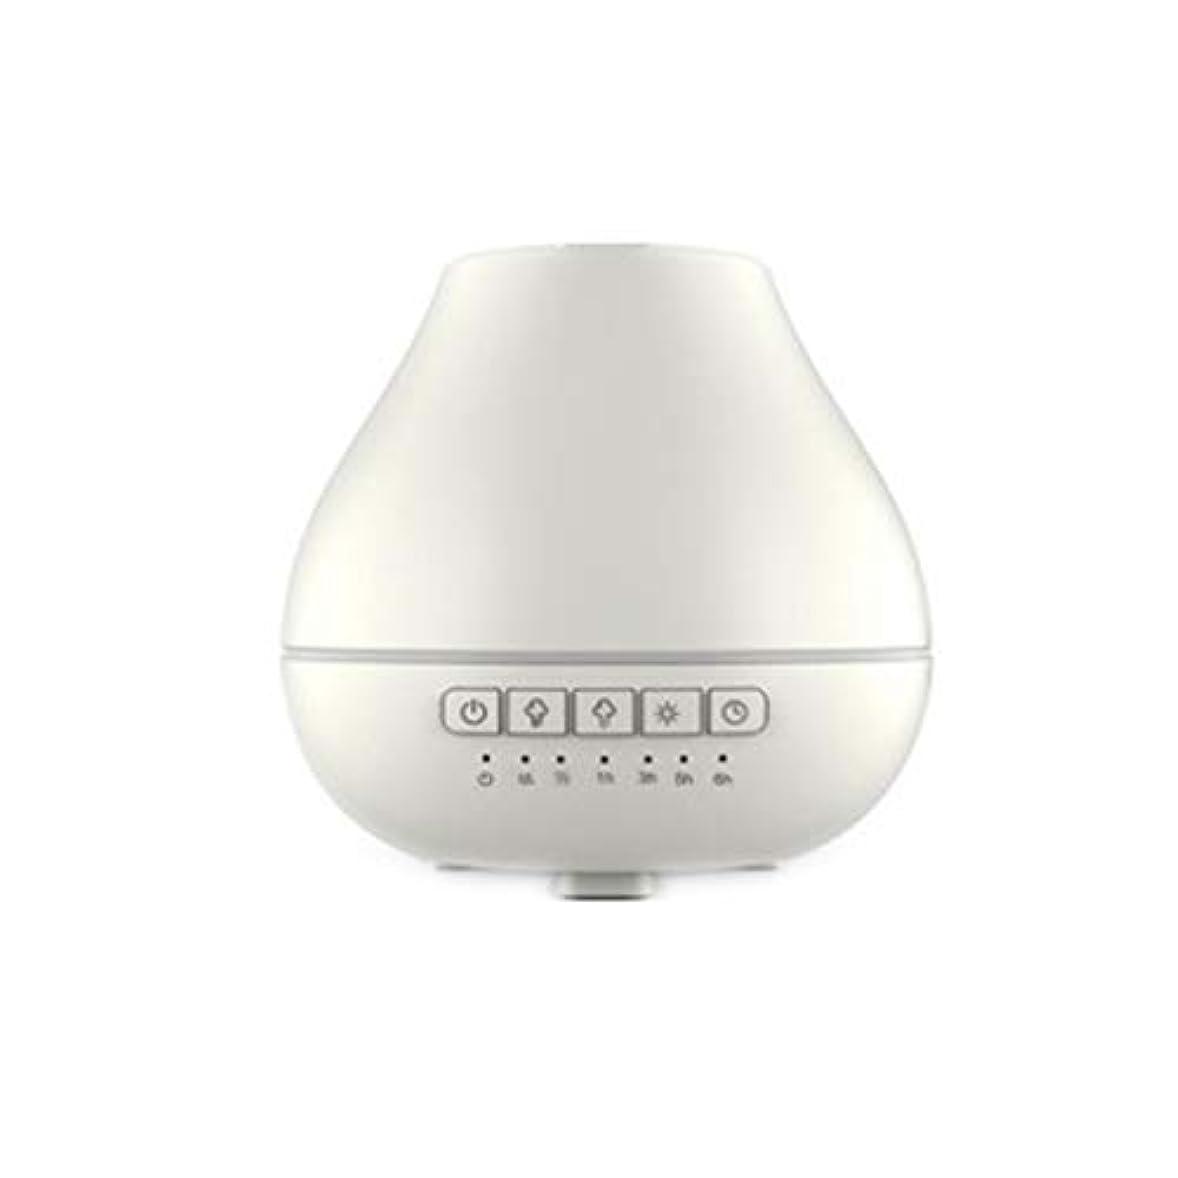 日光確かな正当な色LEDライトが付いている200ml超音波冷たい霧の加湿器は家のヨガのオフィスの鉱泉の寝室の拡散器を変えます (Color : White)